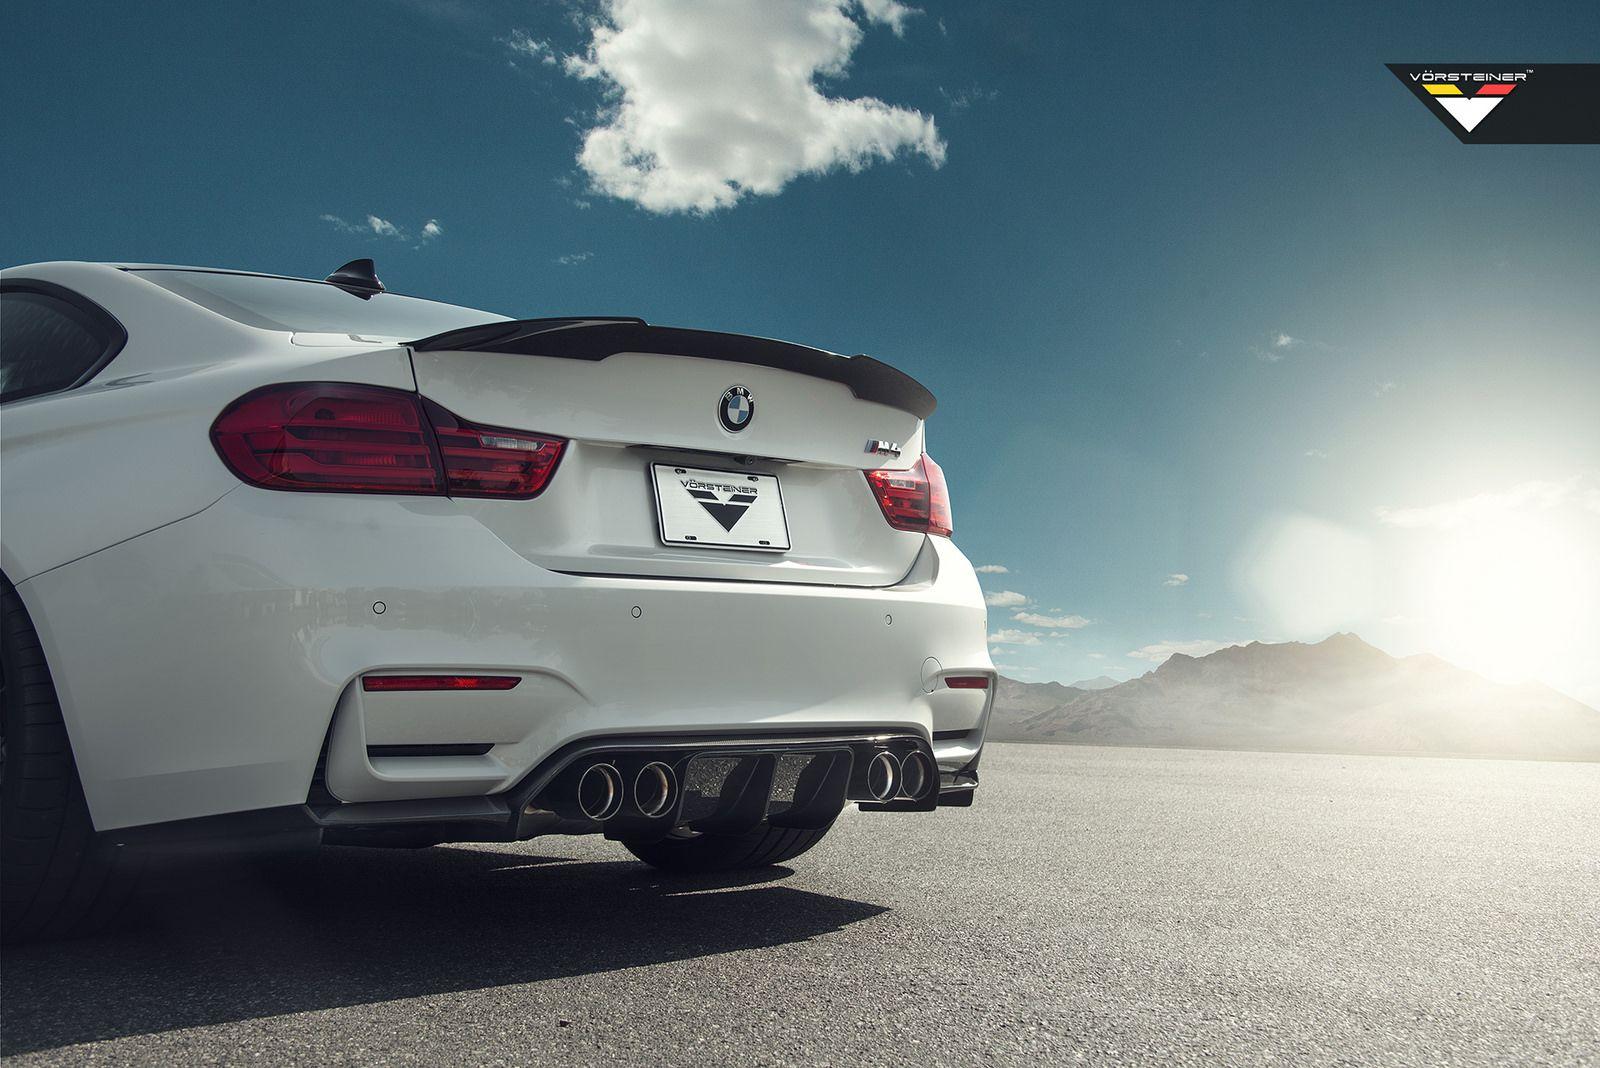 BMW M4 by Vorsteiner